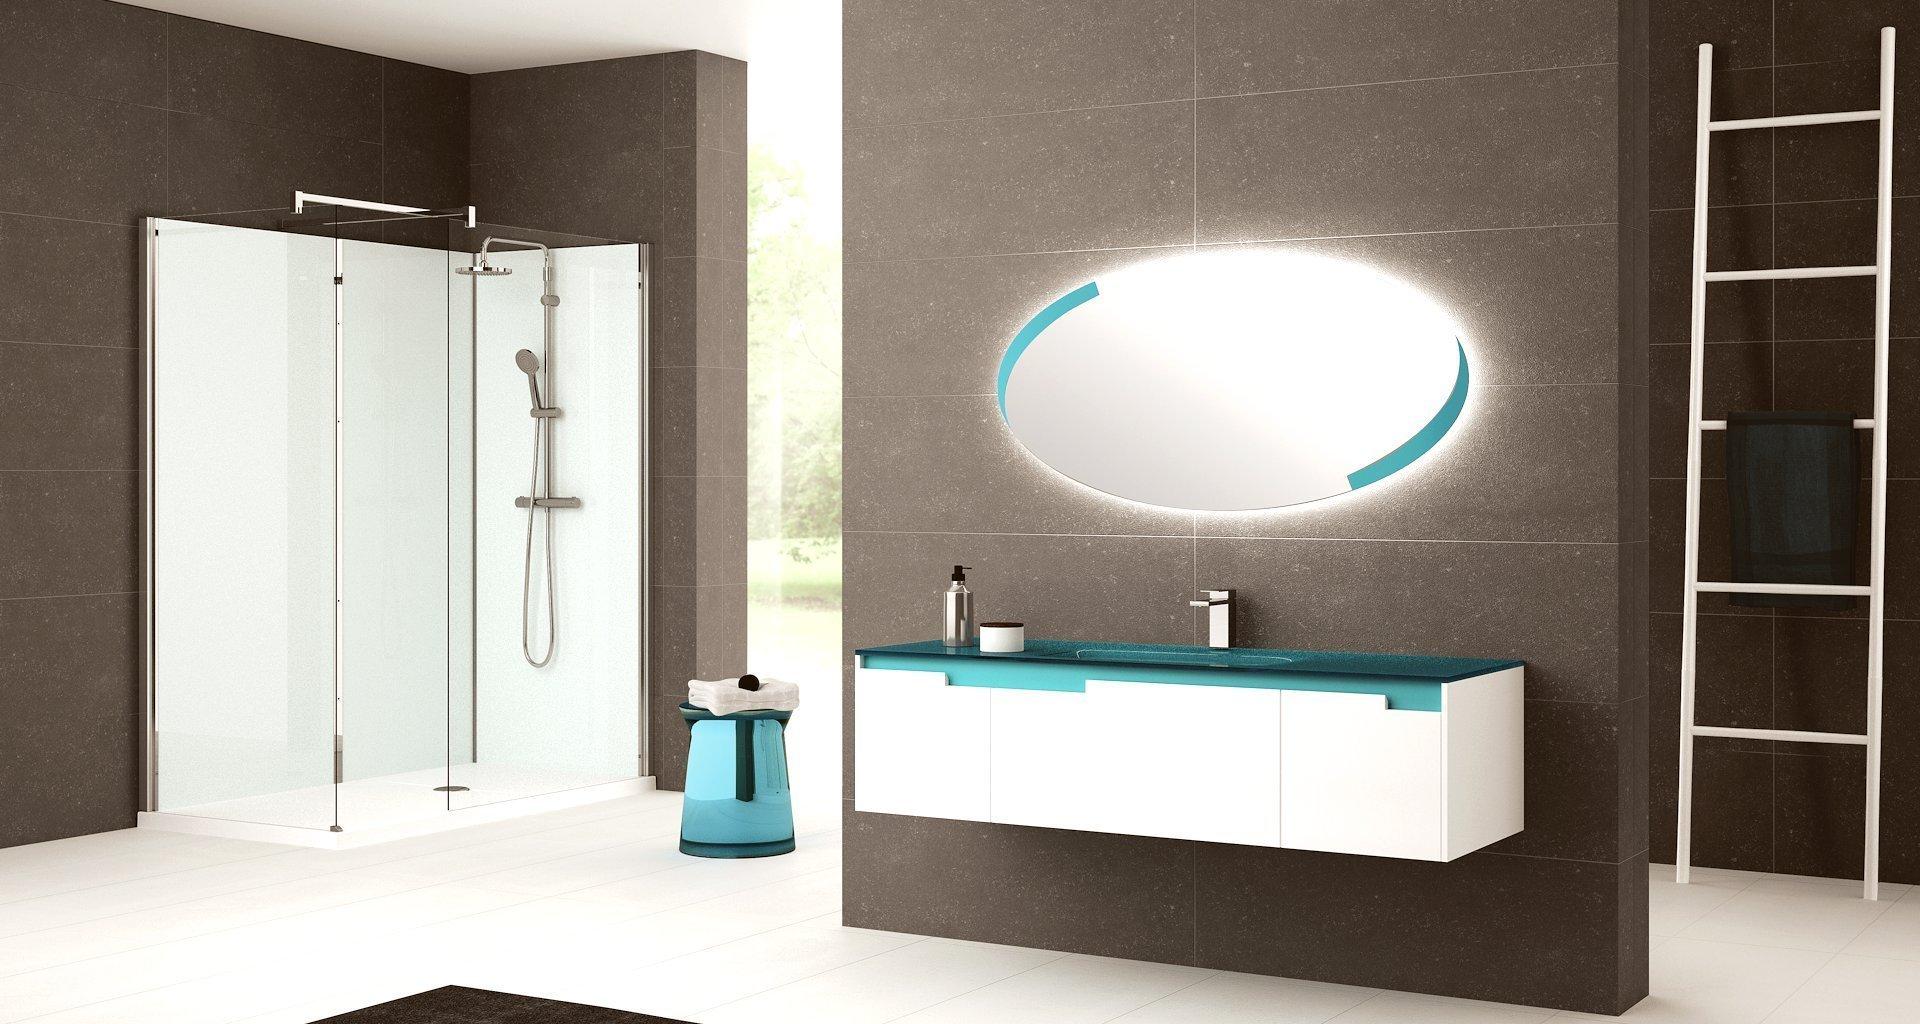 https://irp-cdn.multiscreensite.com/59fa228e/dms3rep/multi/mobiletto-lavabo-bagno-sospeso-a30a8f3e.jpg